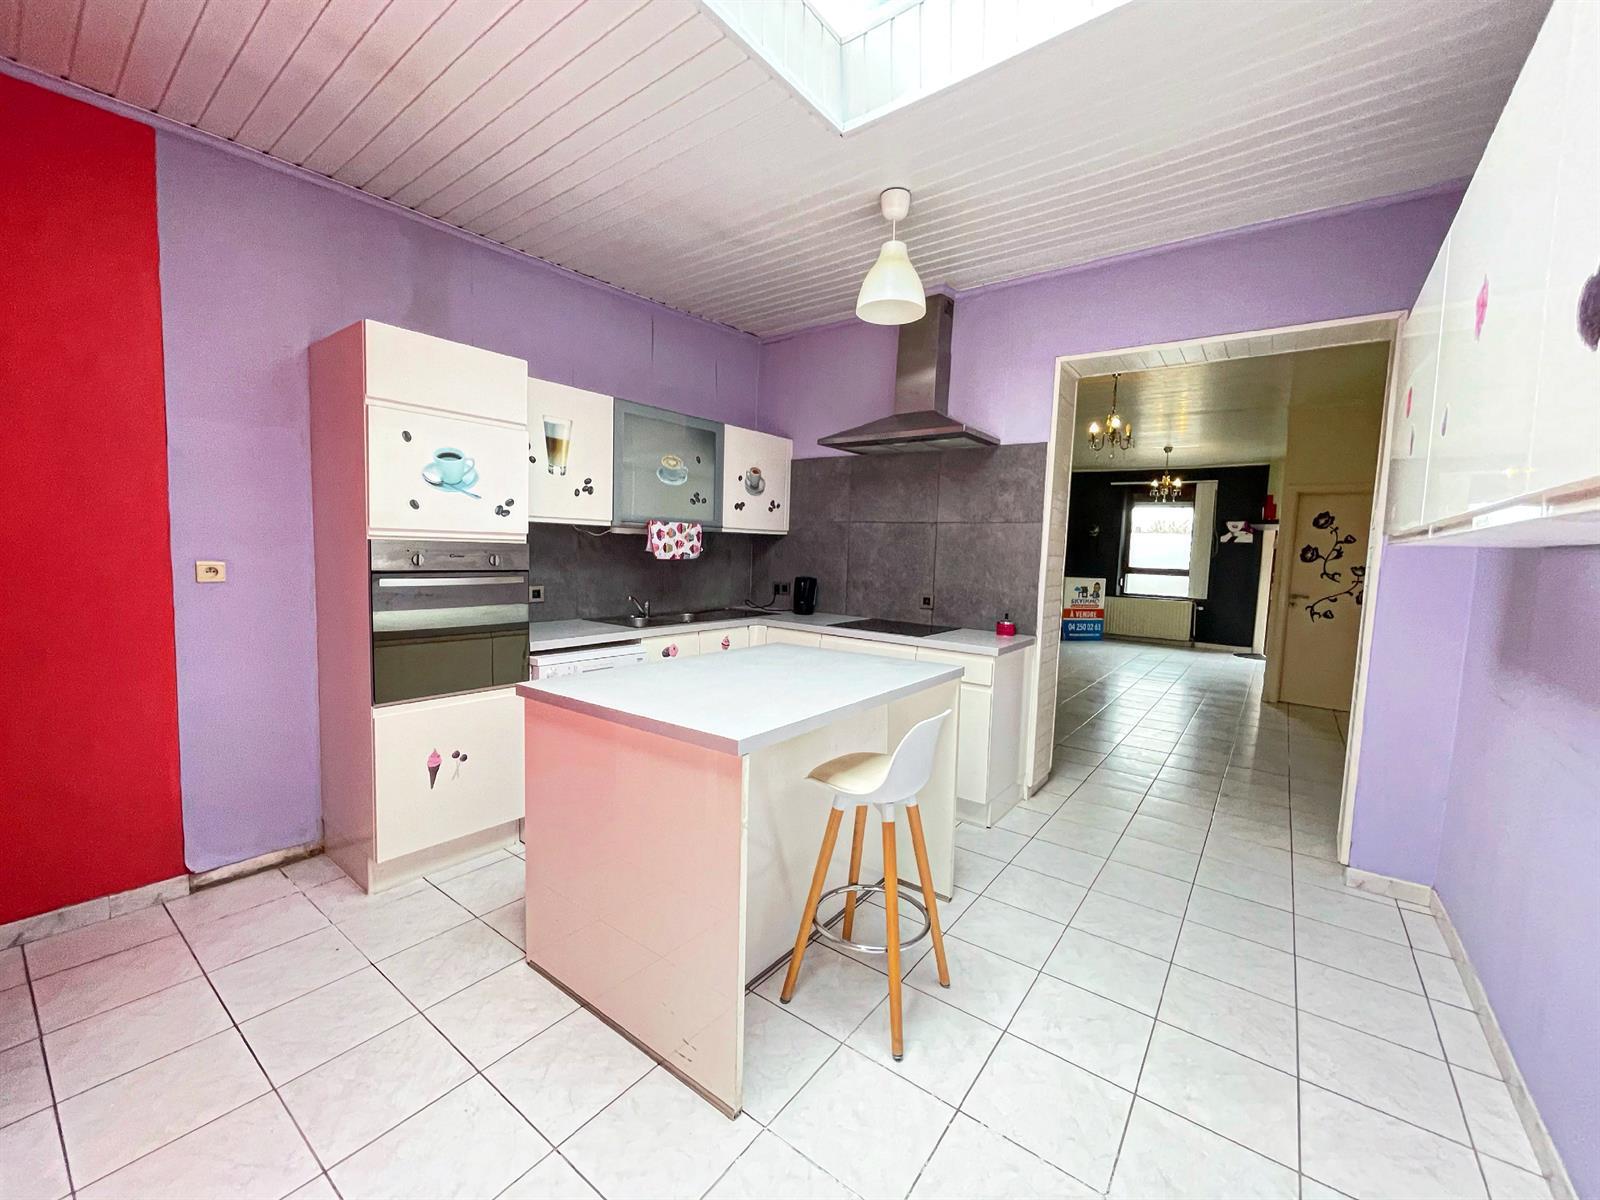 Maison - Liege - #4337890-7